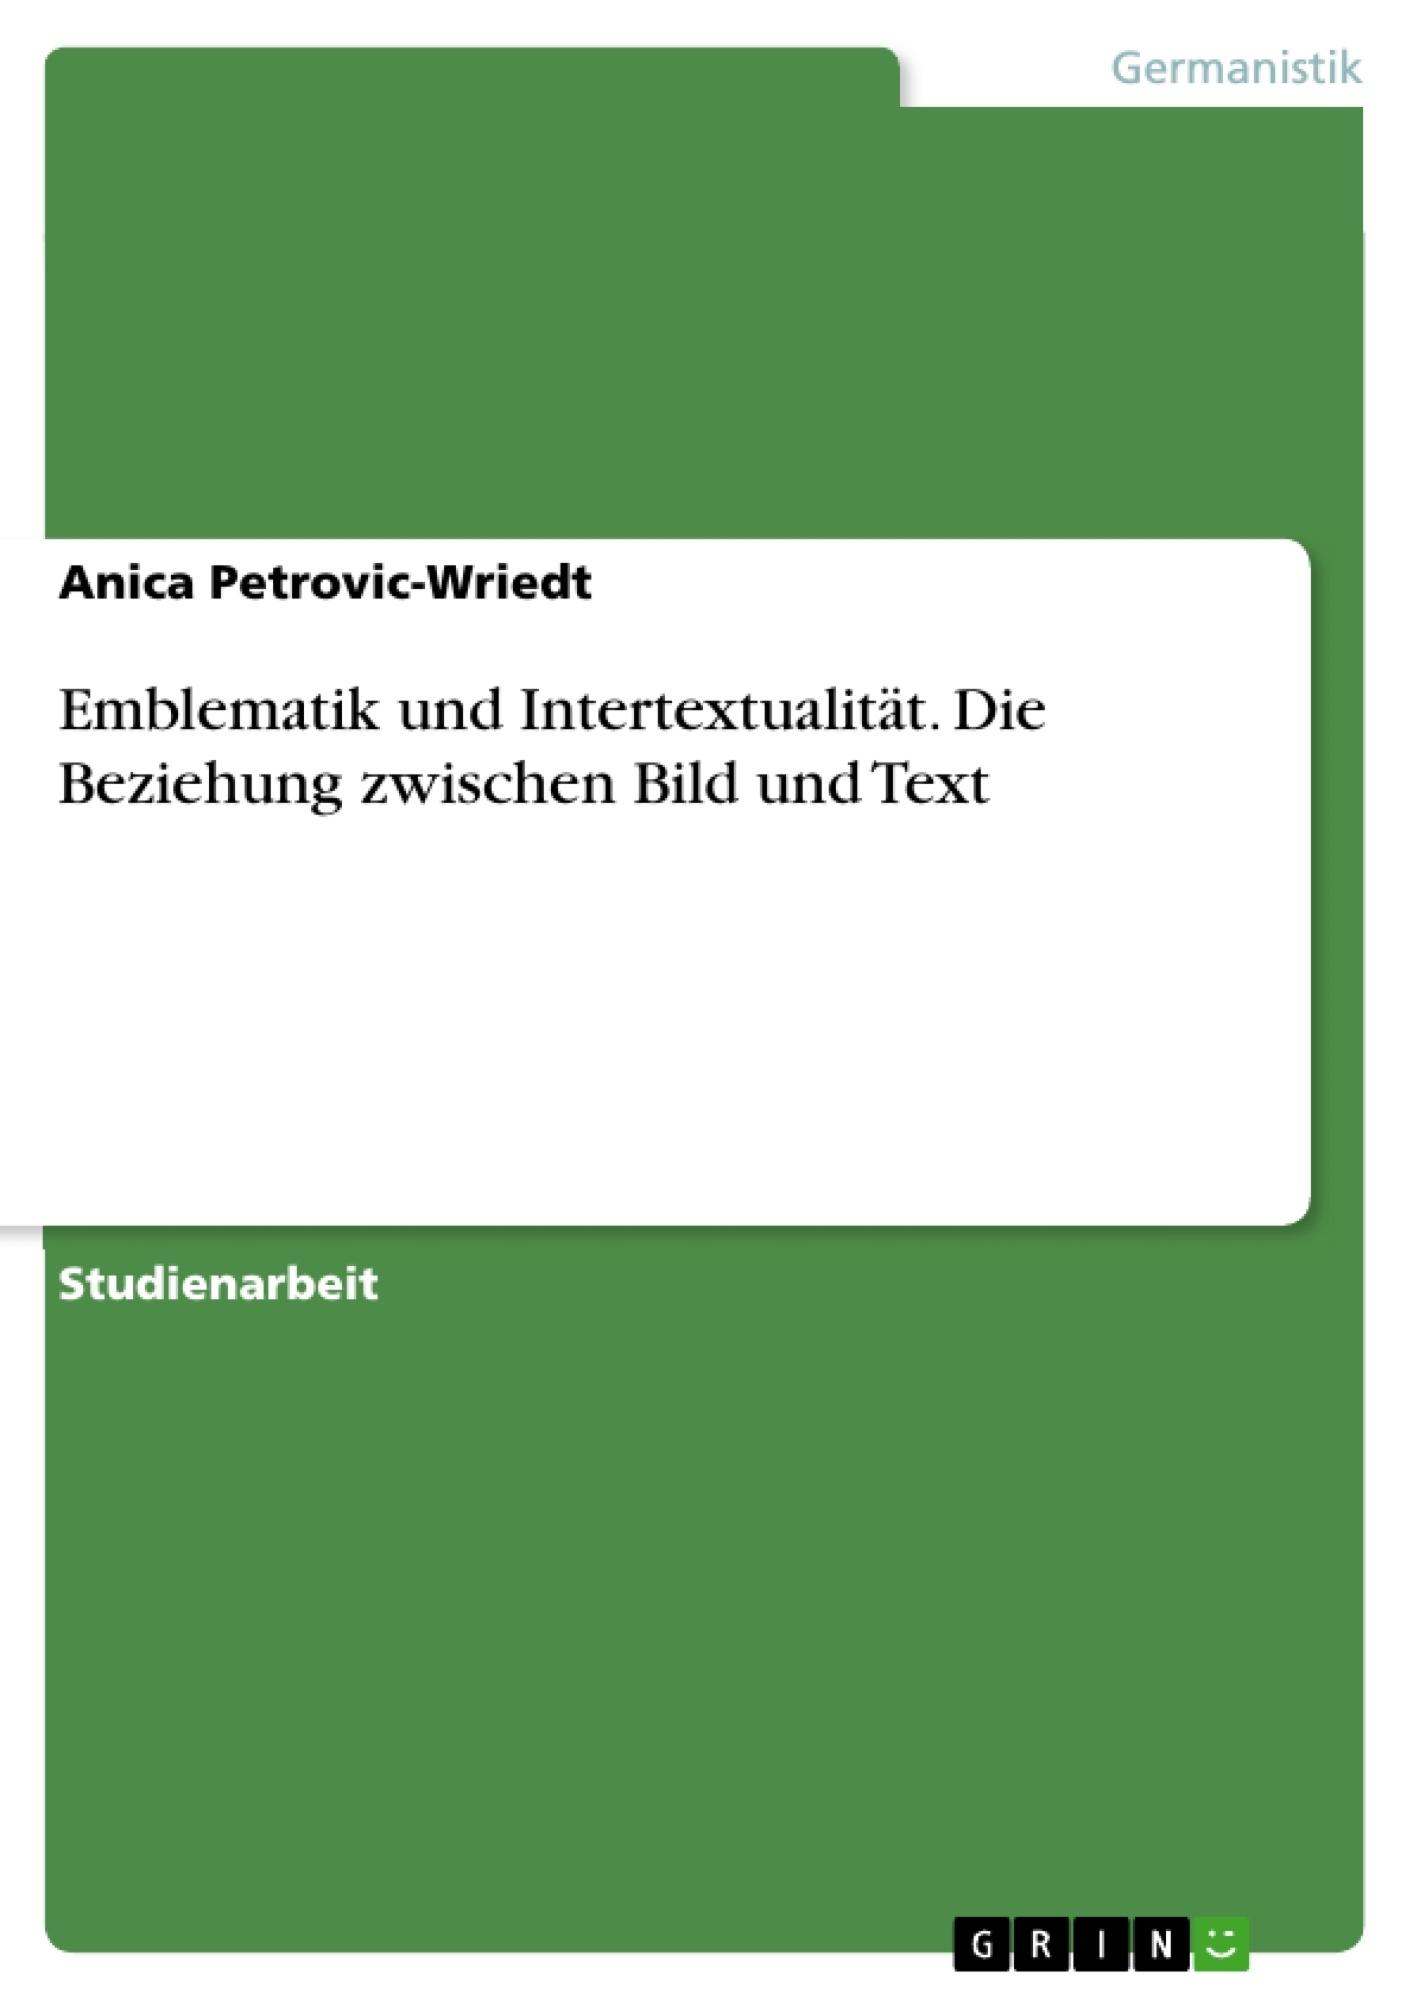 Titel: Emblematik und Intertextualität. Die Beziehung zwischen Bild und Text